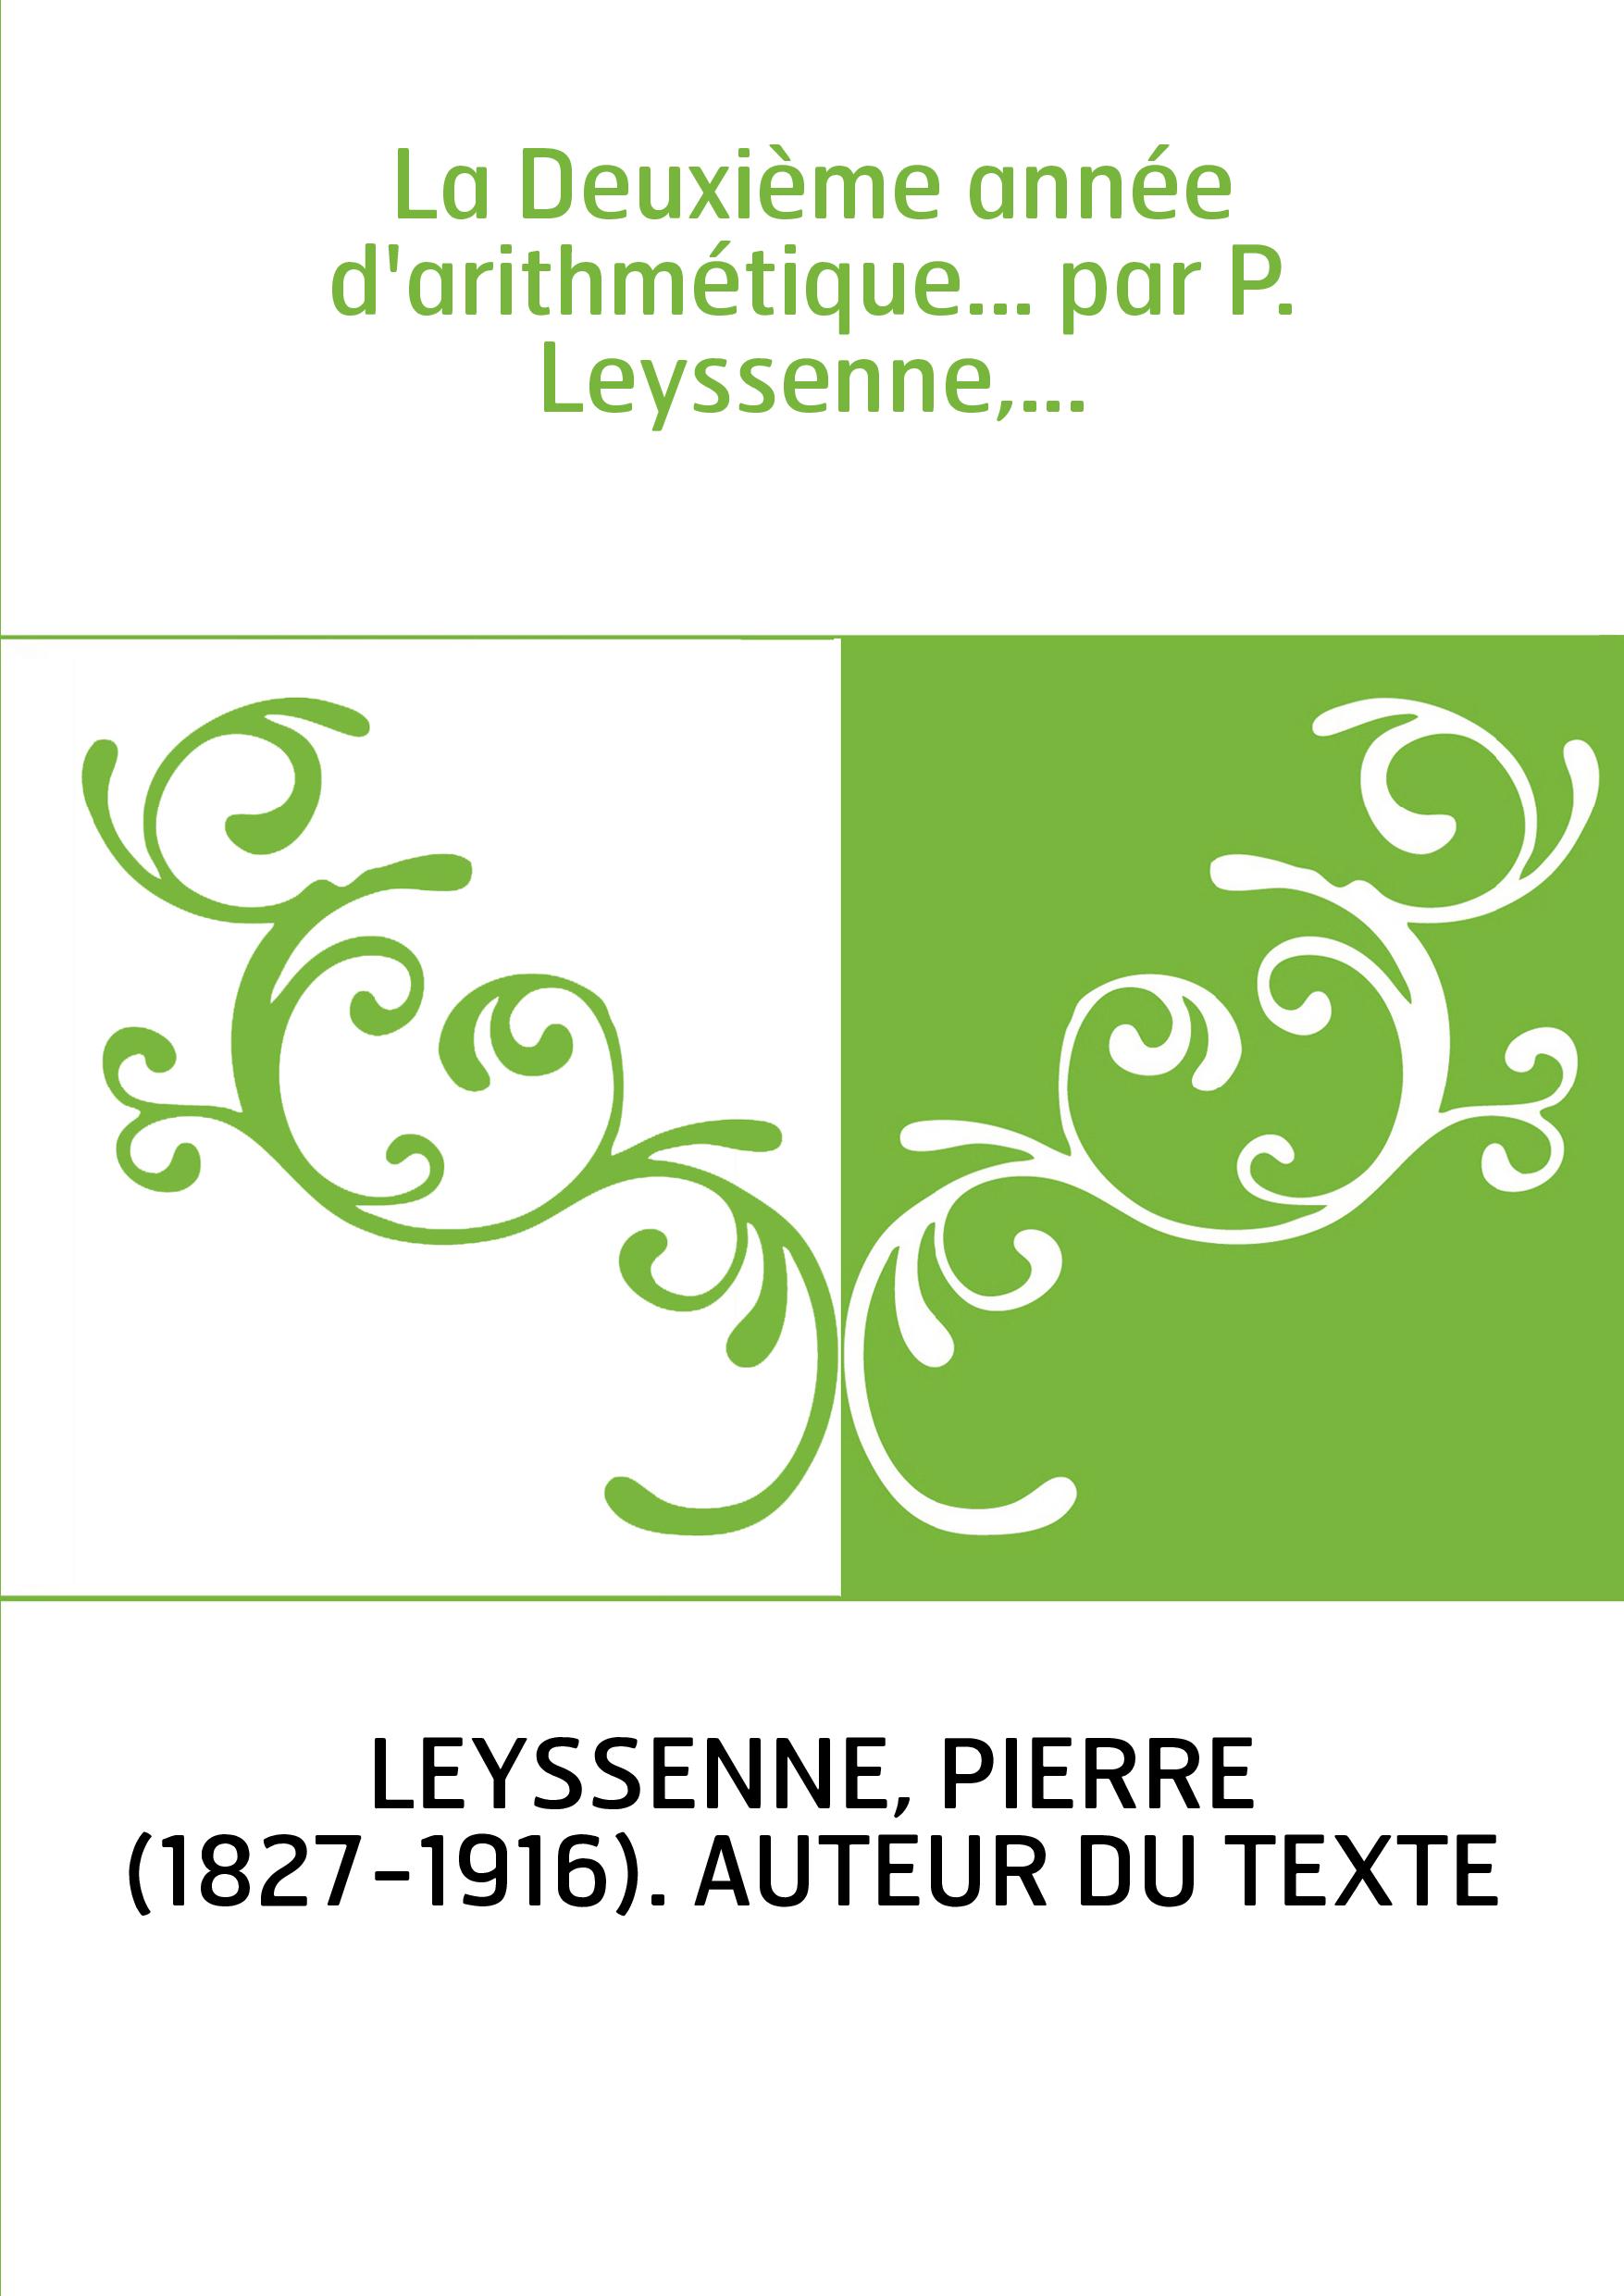 La Deuxième année d'arithmétique... par P. Leyssenne,...